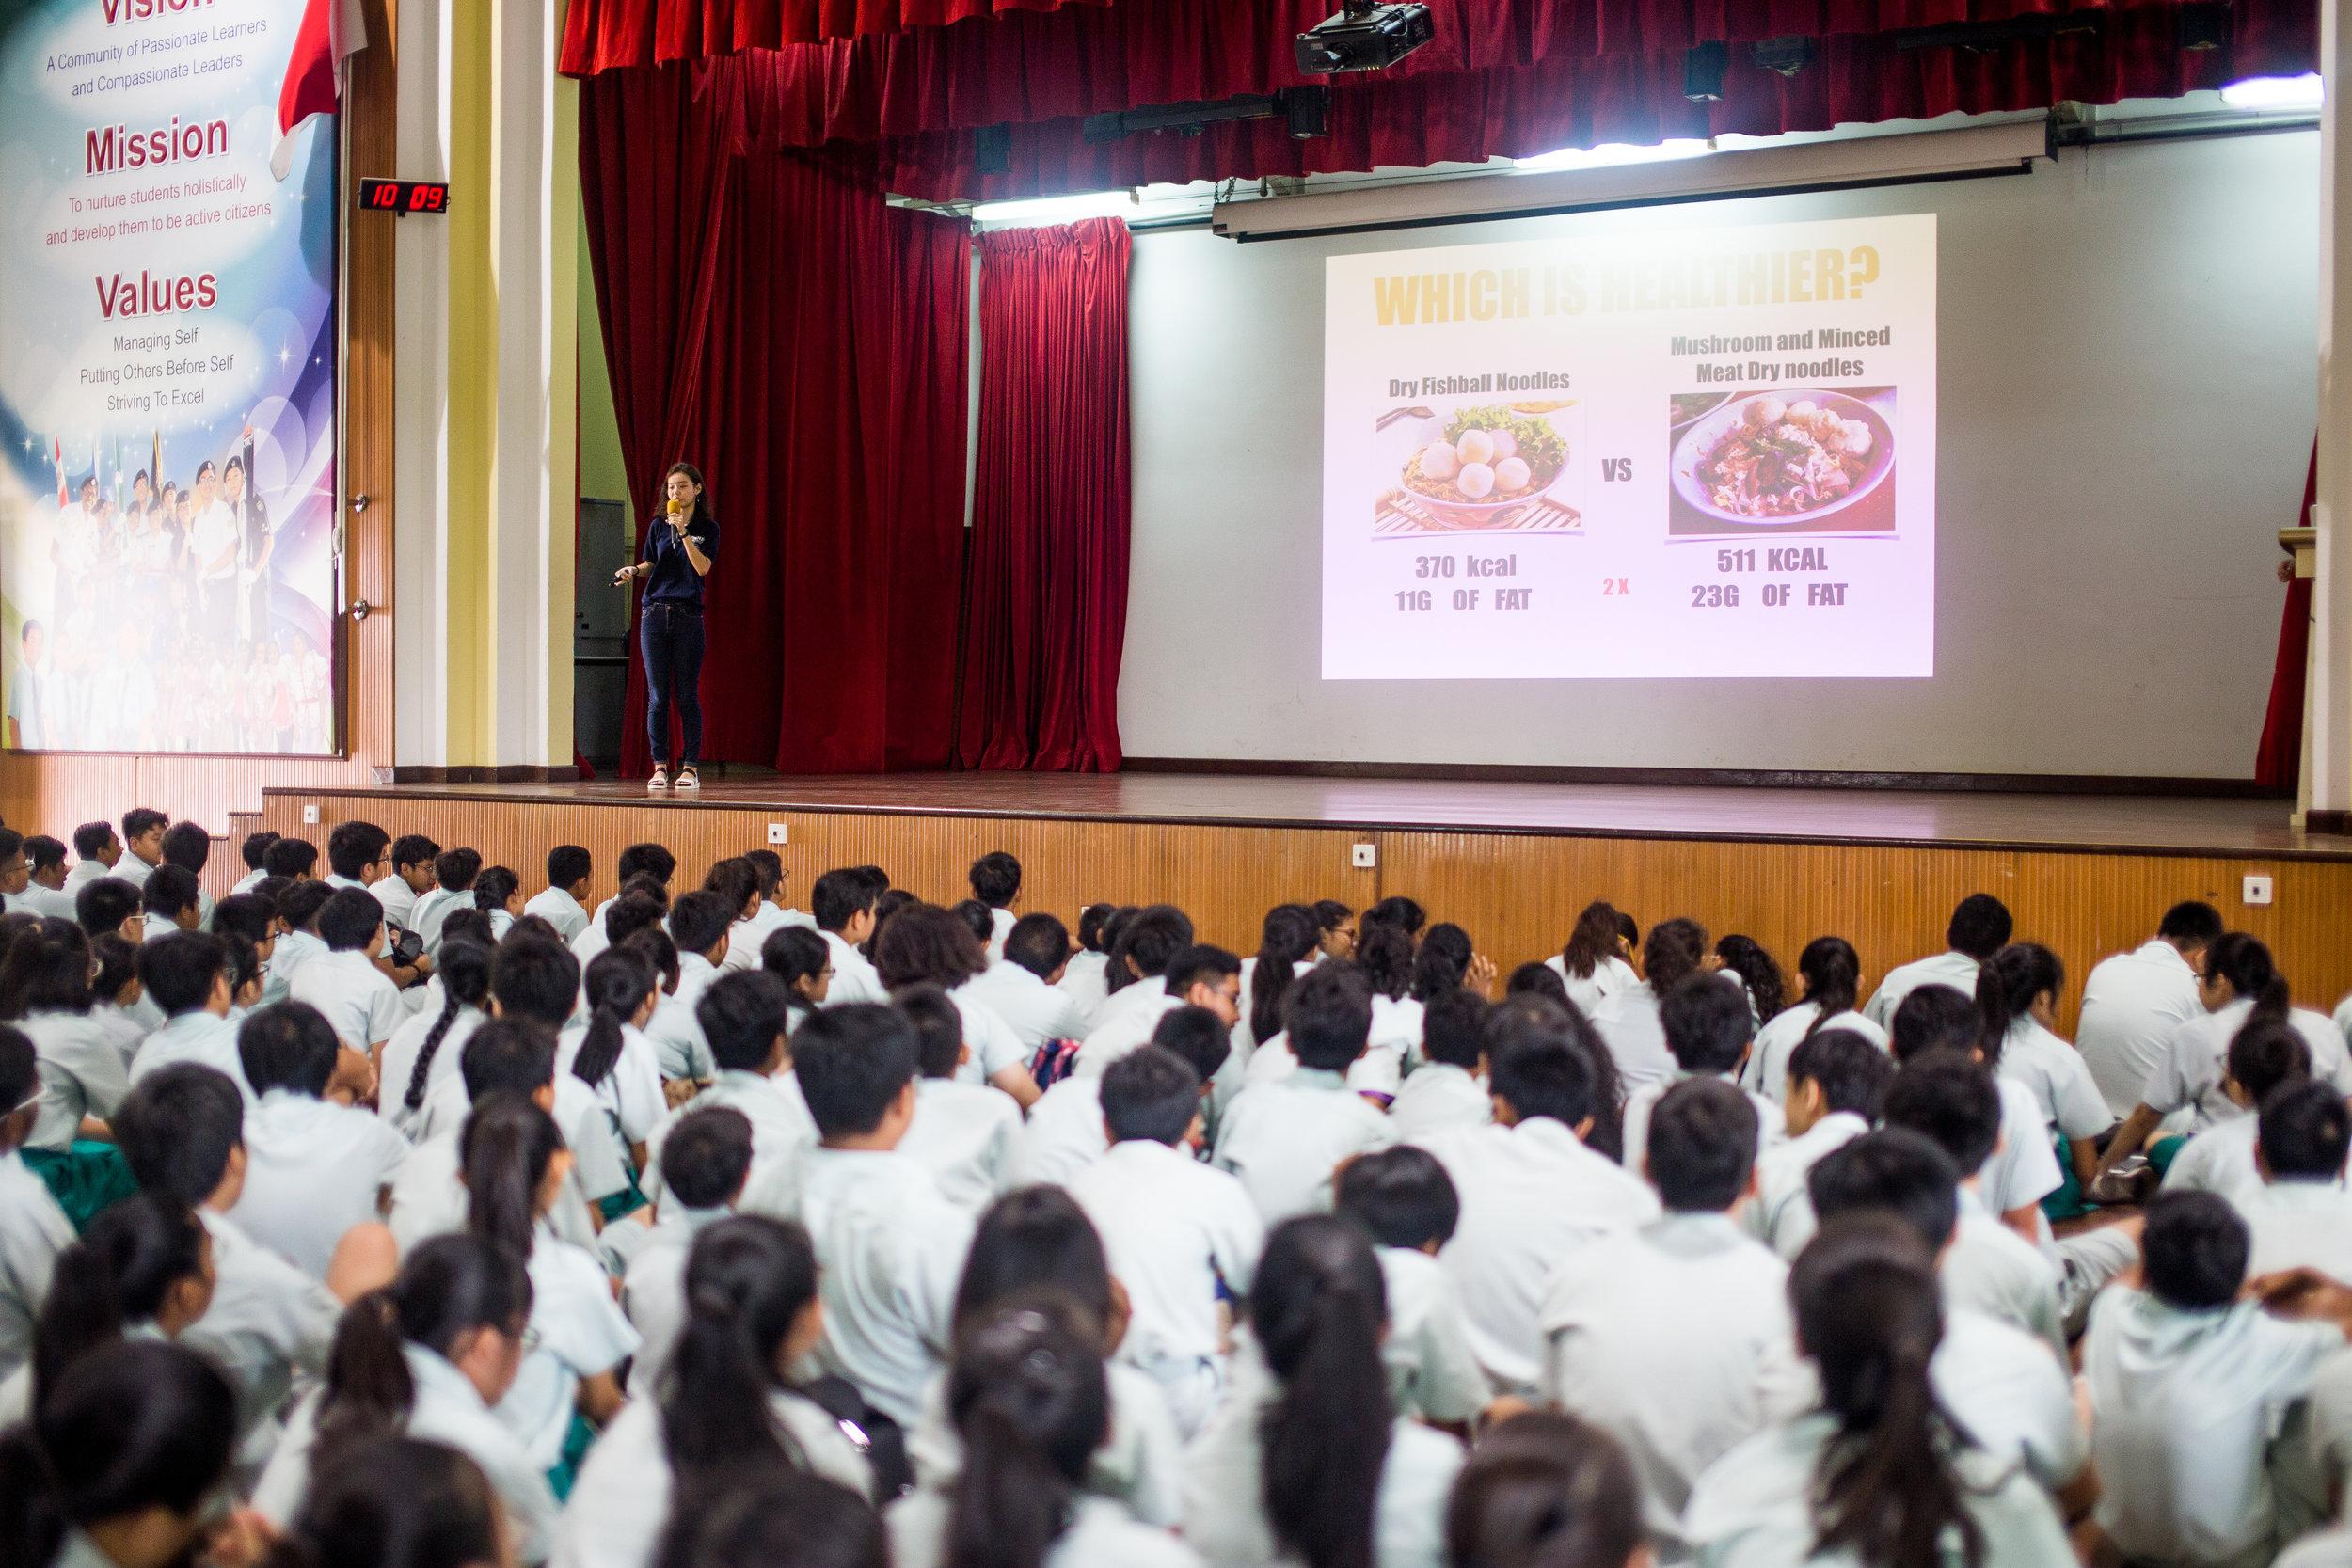 Metabolic Syndrome Talk at Choa Chu Kang Secondary